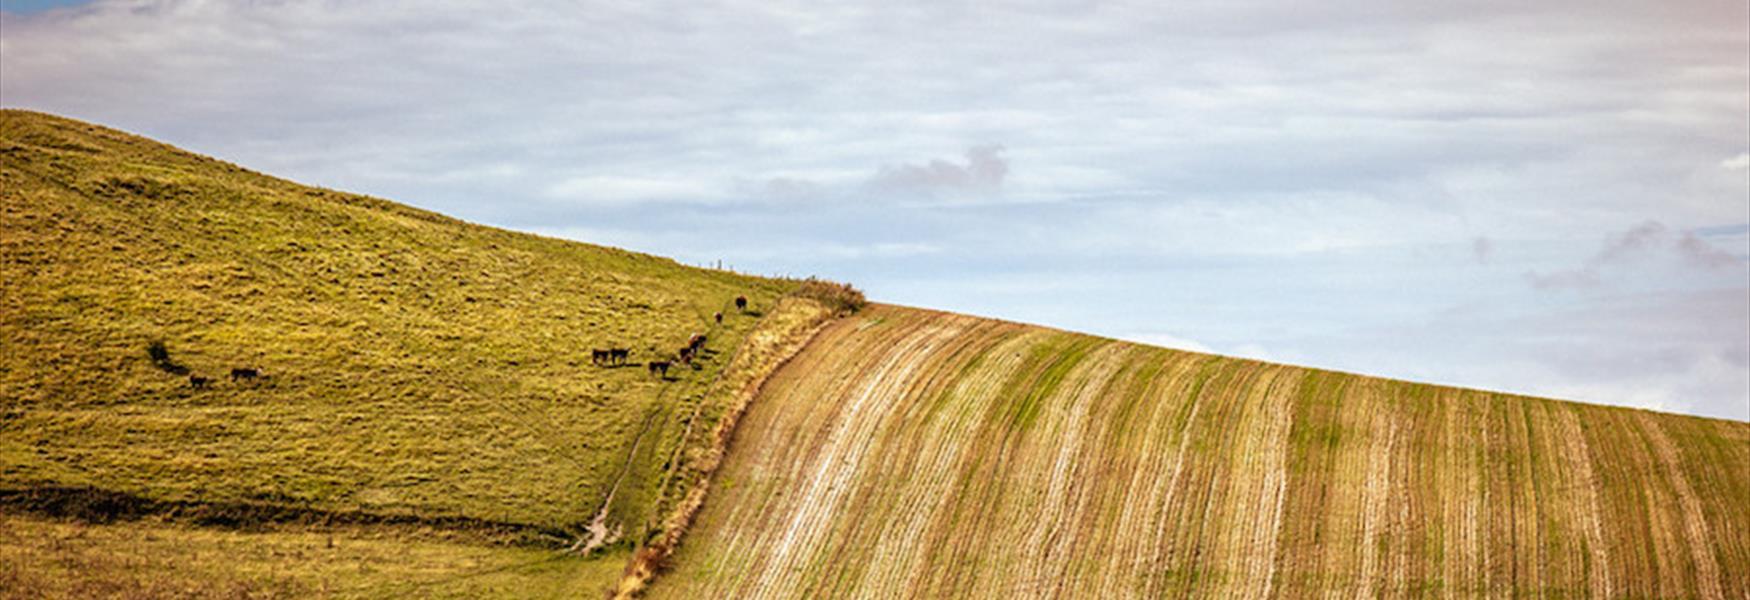 Fields near Firle - Nigel French